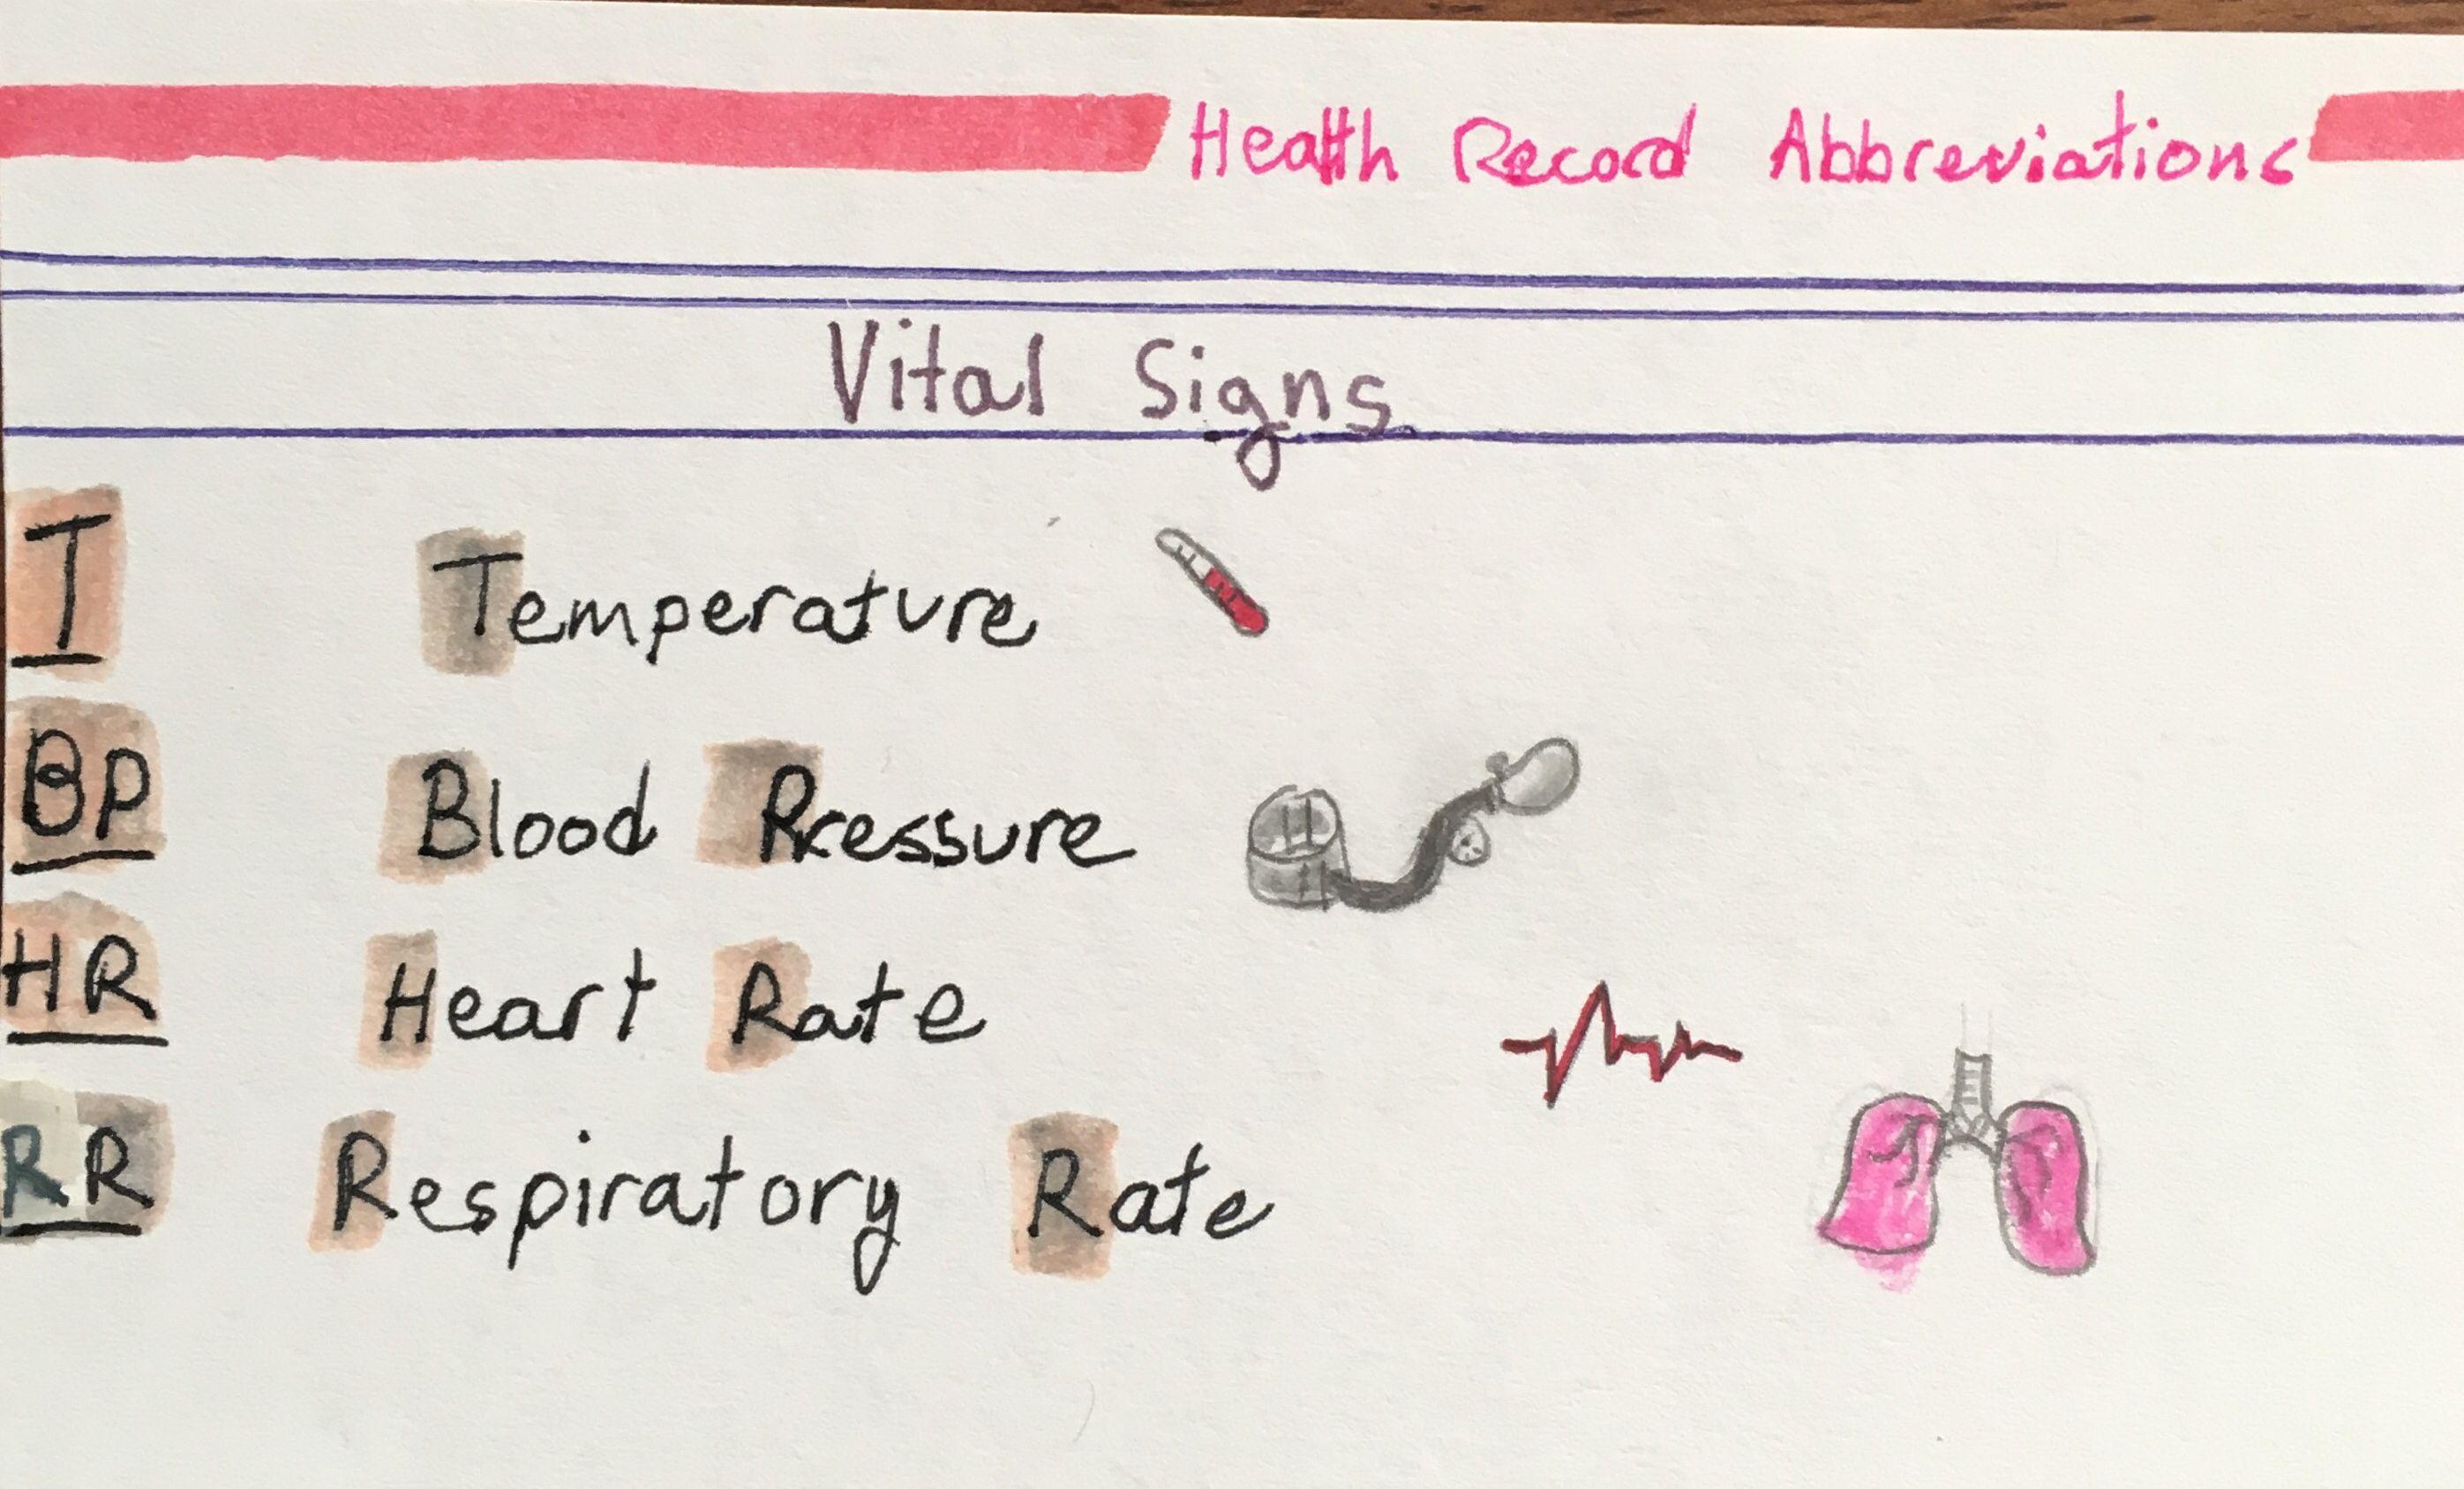 Vital Signs Abreviations